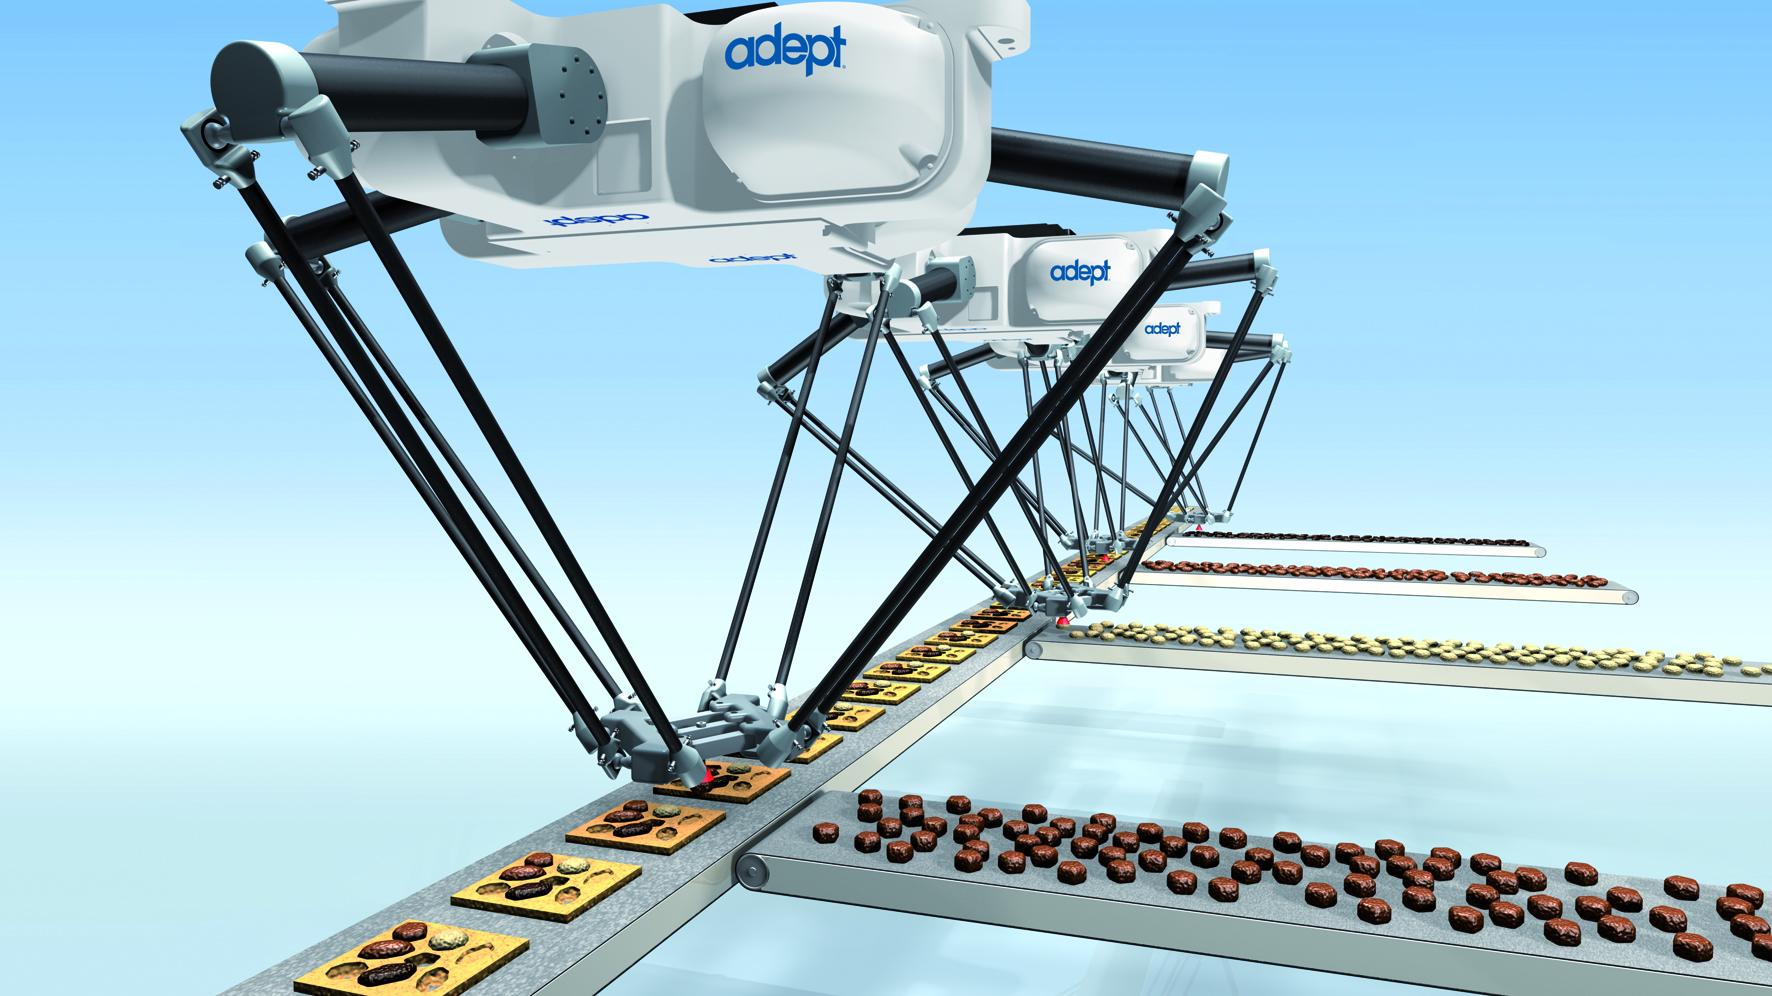 otomasyon-nedir-hdcotomasyon.com.tr-automation15